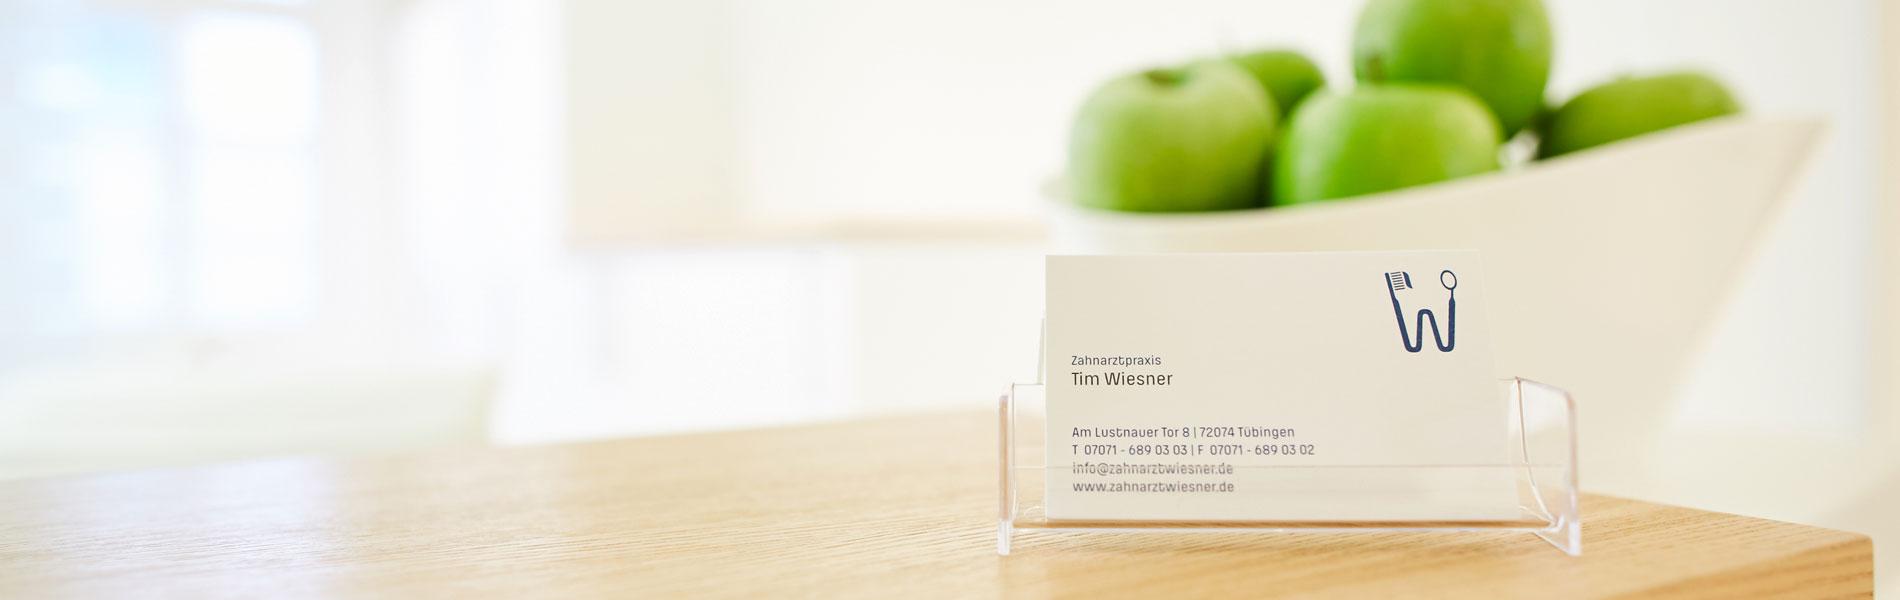 Zahnarztpraxis Dr. Wiesner - Kontakt 1